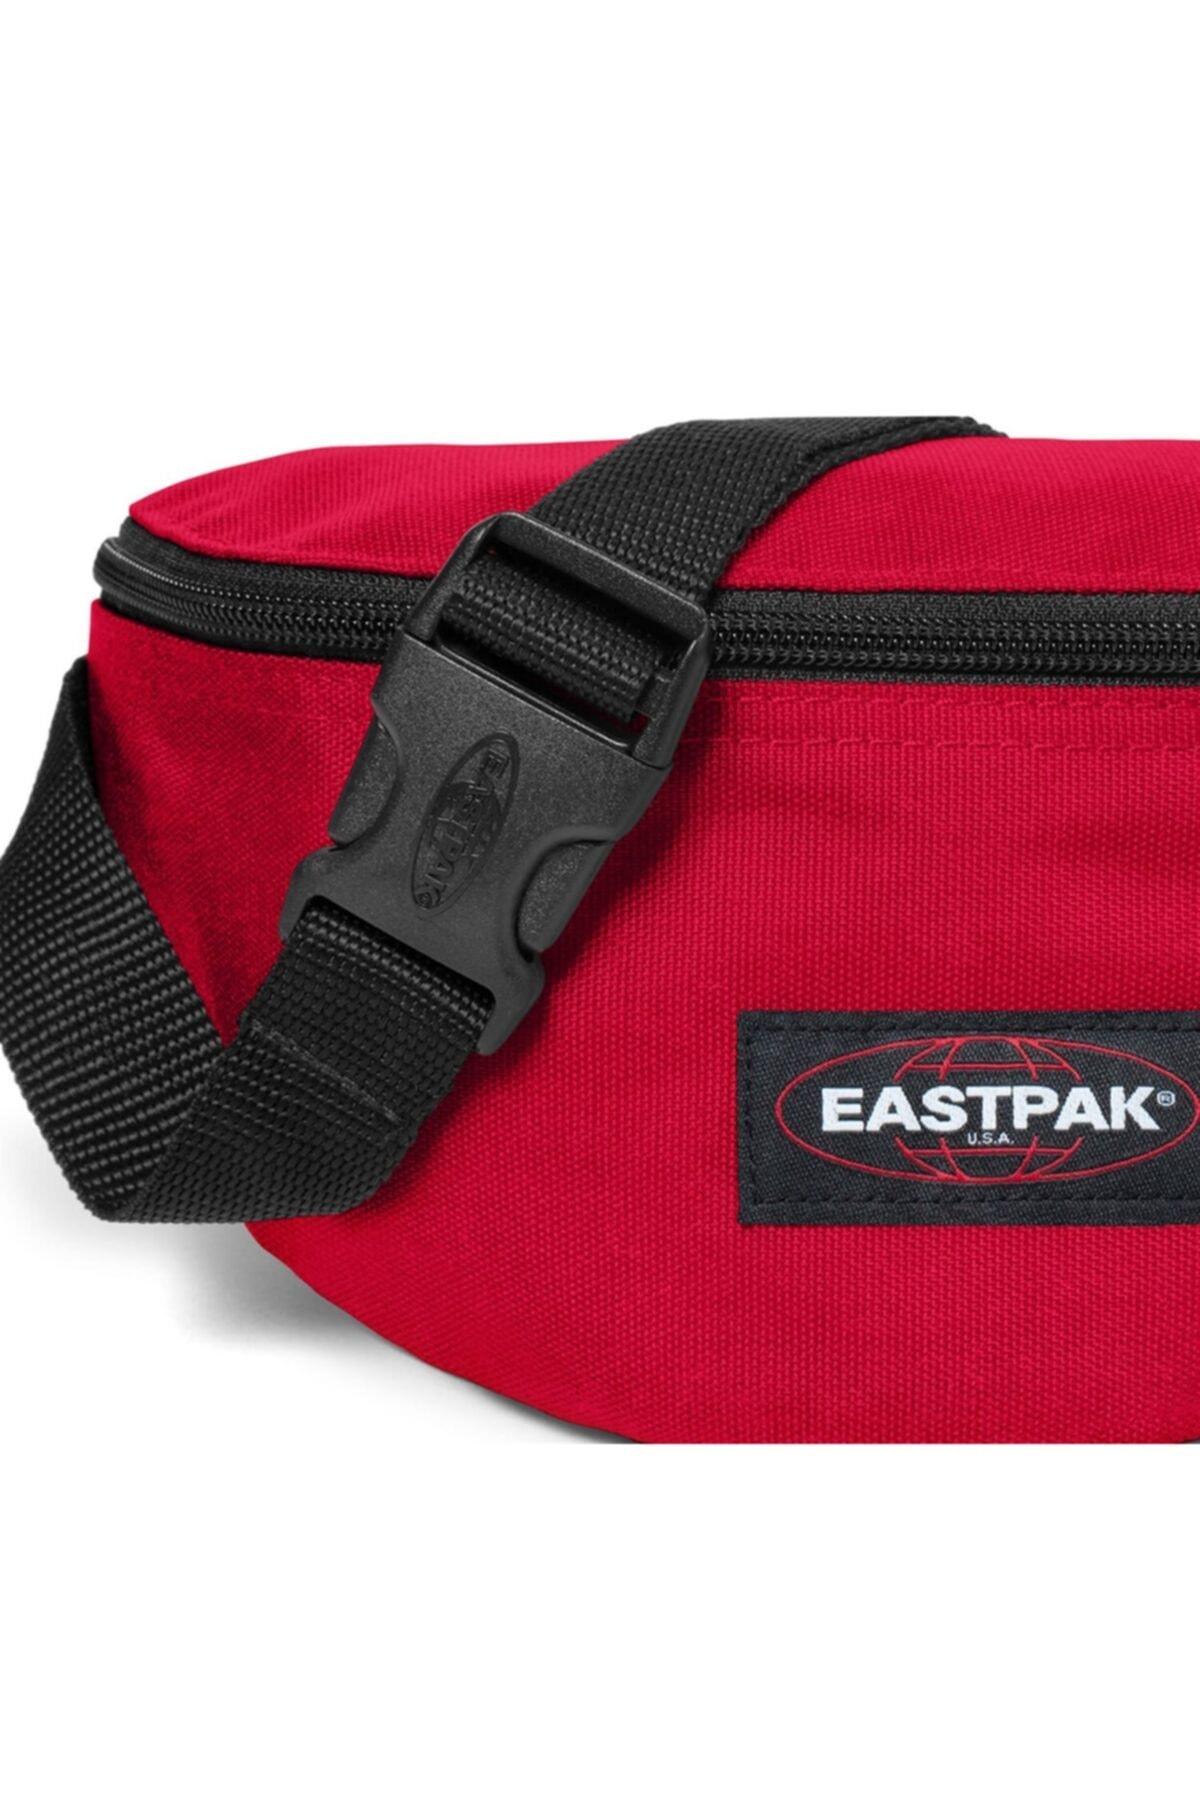 Eastpak Unisex Kırmızı Günlük Bel Çantası 2